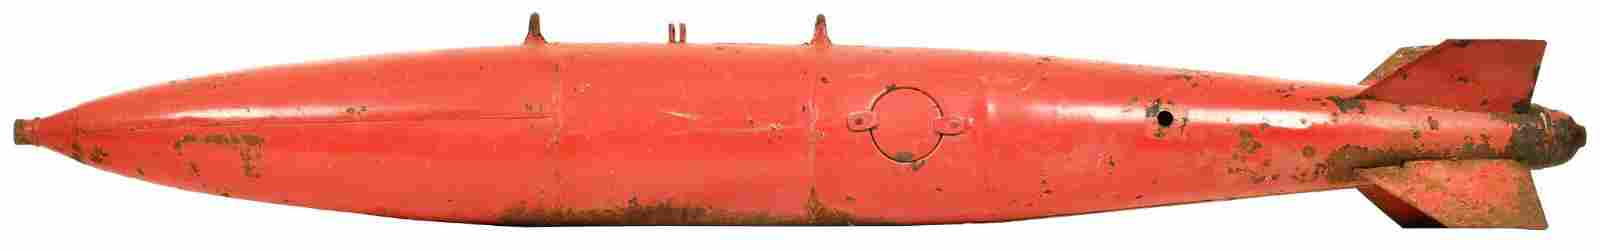 Large Practice Bomb